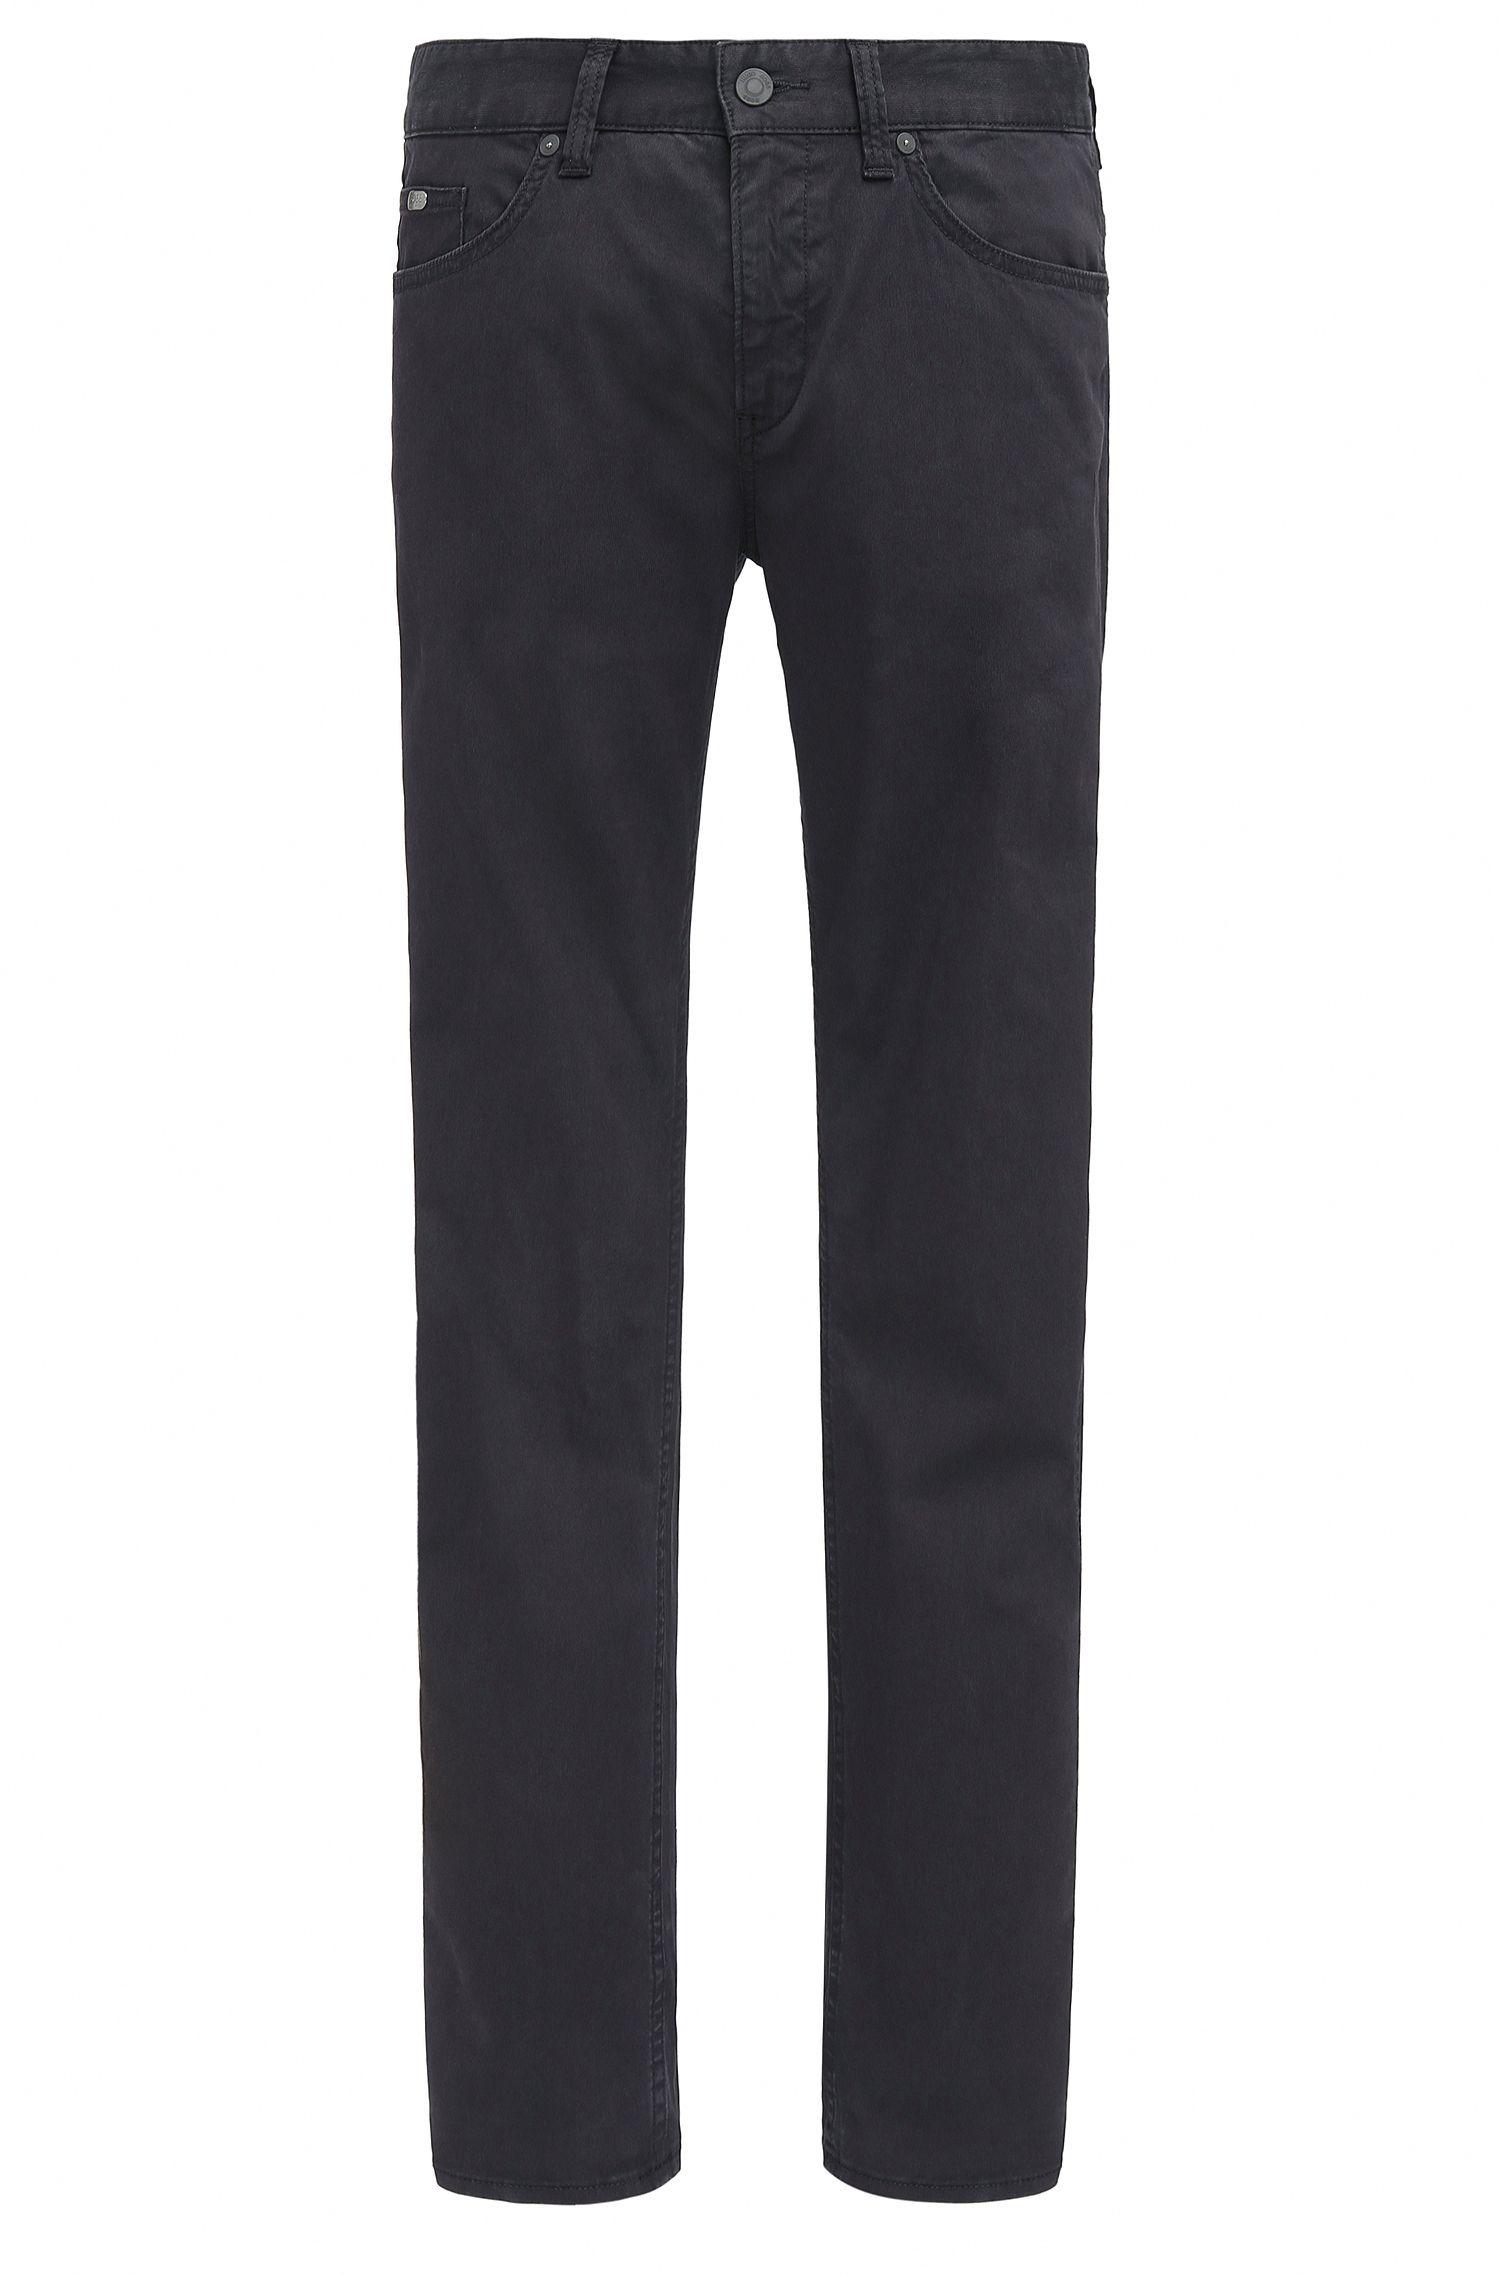 Jeans Slim Fit en denim stretch confortable